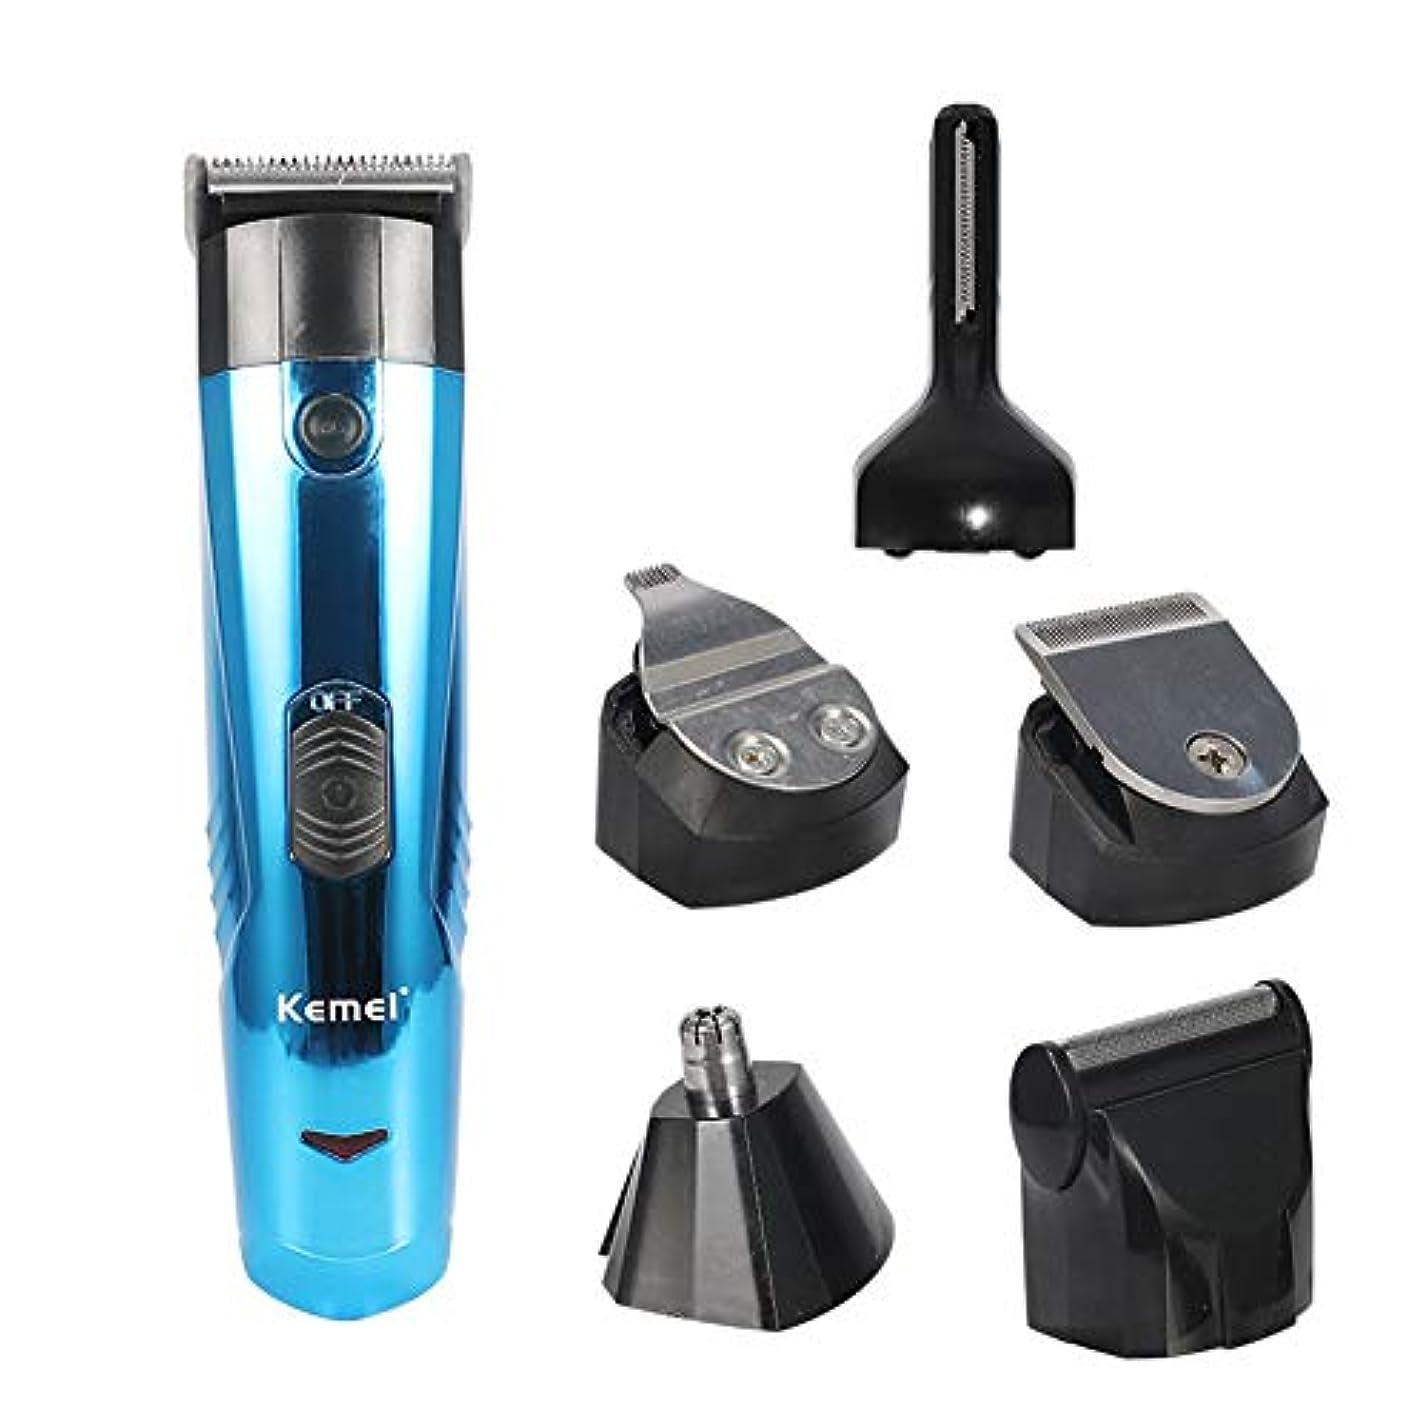 リルクラッチ理容師バリカン、男性のためのリミット櫛を持つ男の理髪師機械電気トリマーバリカン散髪機ビアードレイザー